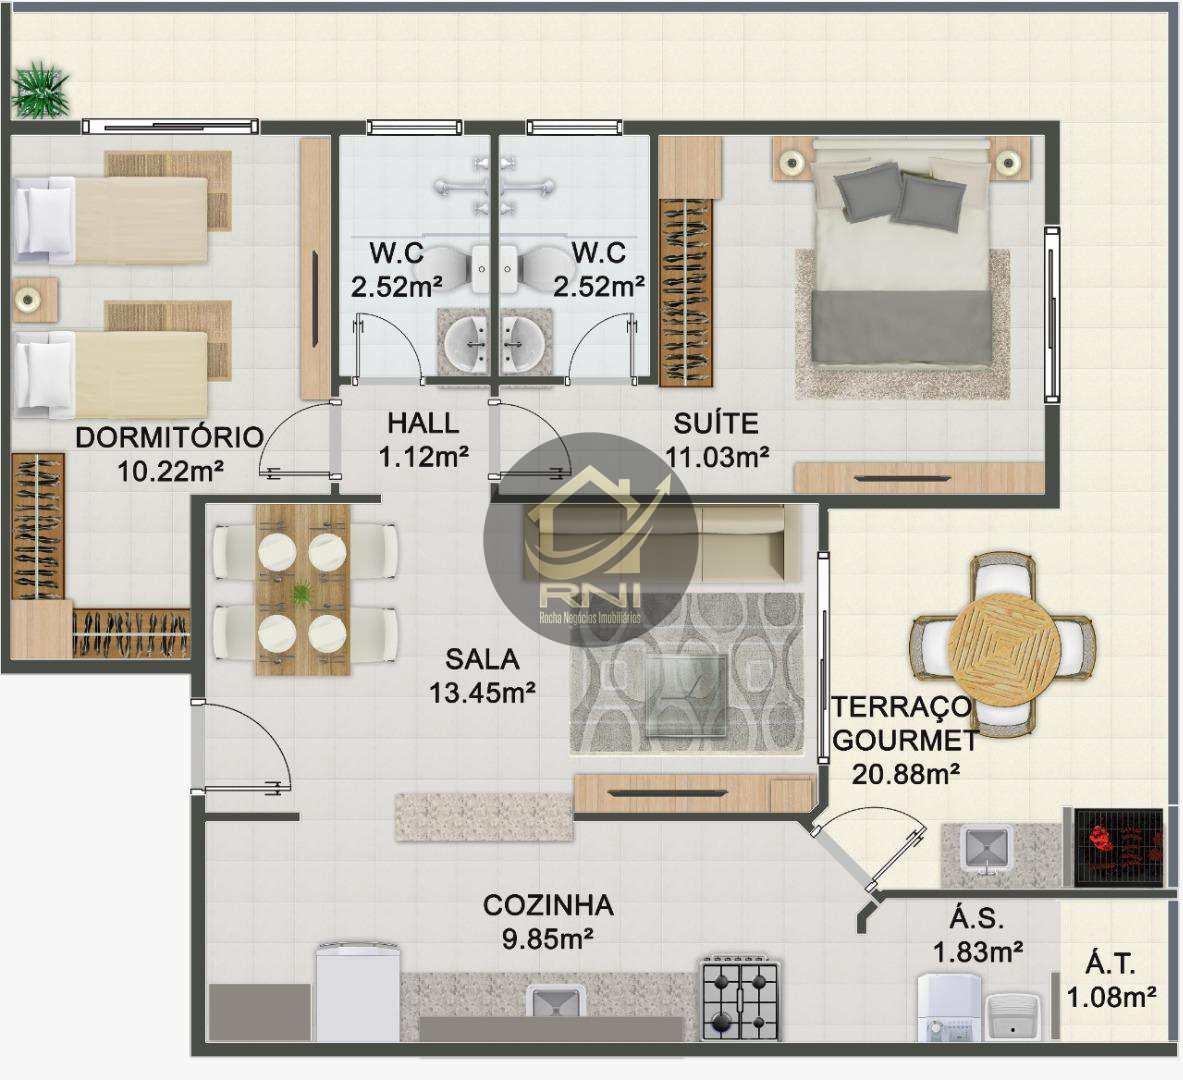 Apartamento Garden com 2 dormitórios à venda, 110 m² por R$ 505.322,00 - Caiçara - Praia Grande/SP